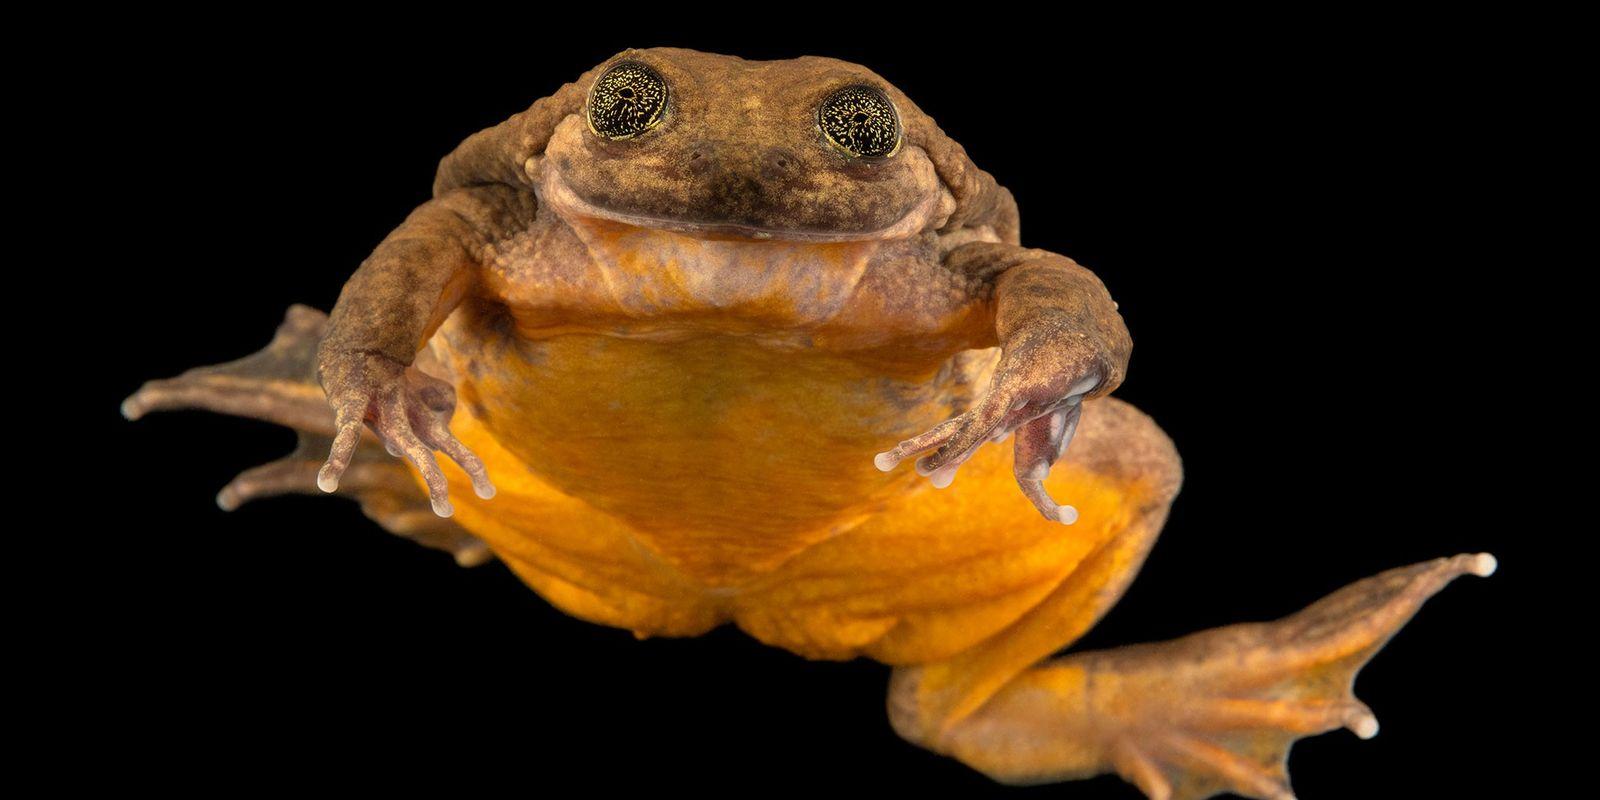 Roméo, la grenouille solitaire, a enfin trouvé sa Juliette